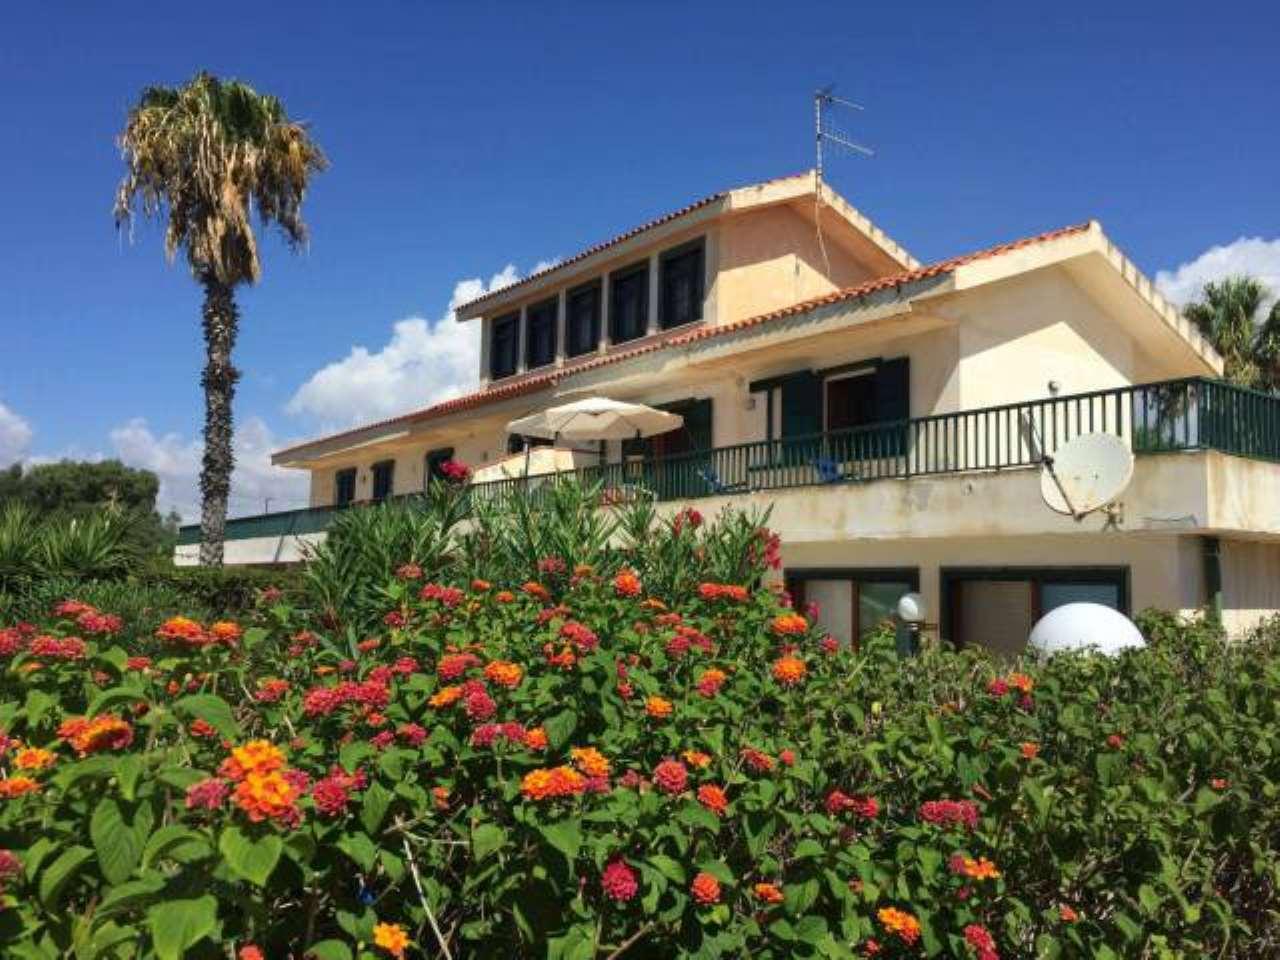 Villa in affitto a Pozzallo, 6 locali, prezzo € 1.000 | PortaleAgenzieImmobiliari.it